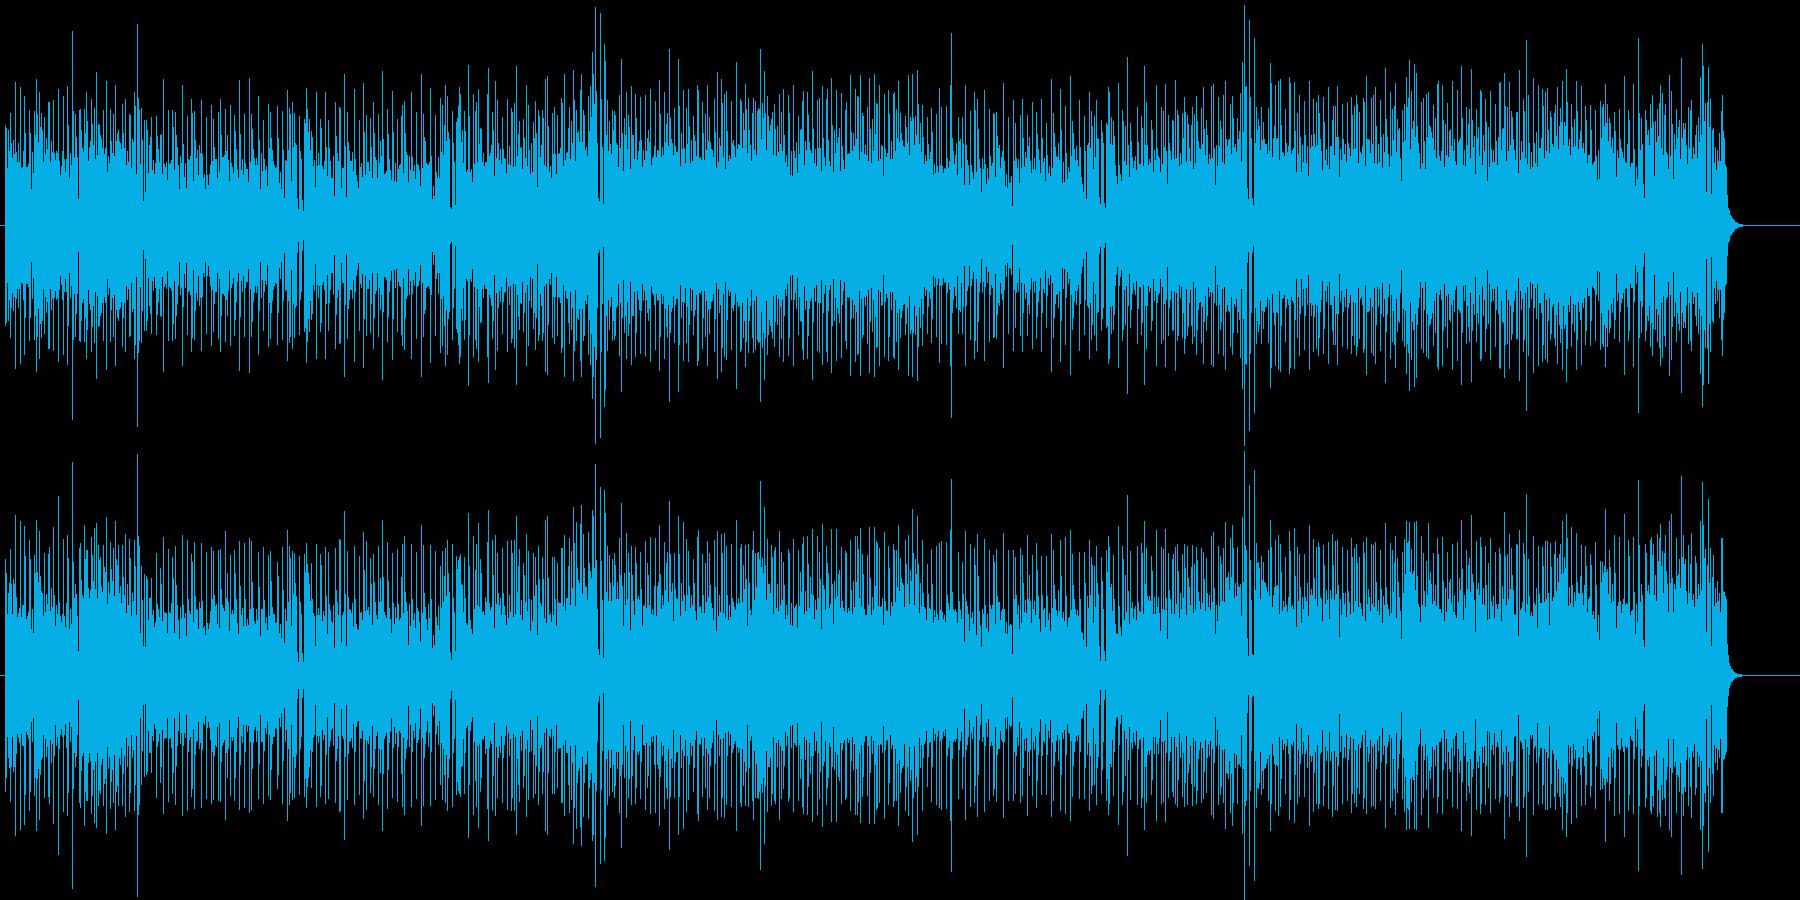 キュートで柔軟なジャパニーズ・ポップスの再生済みの波形